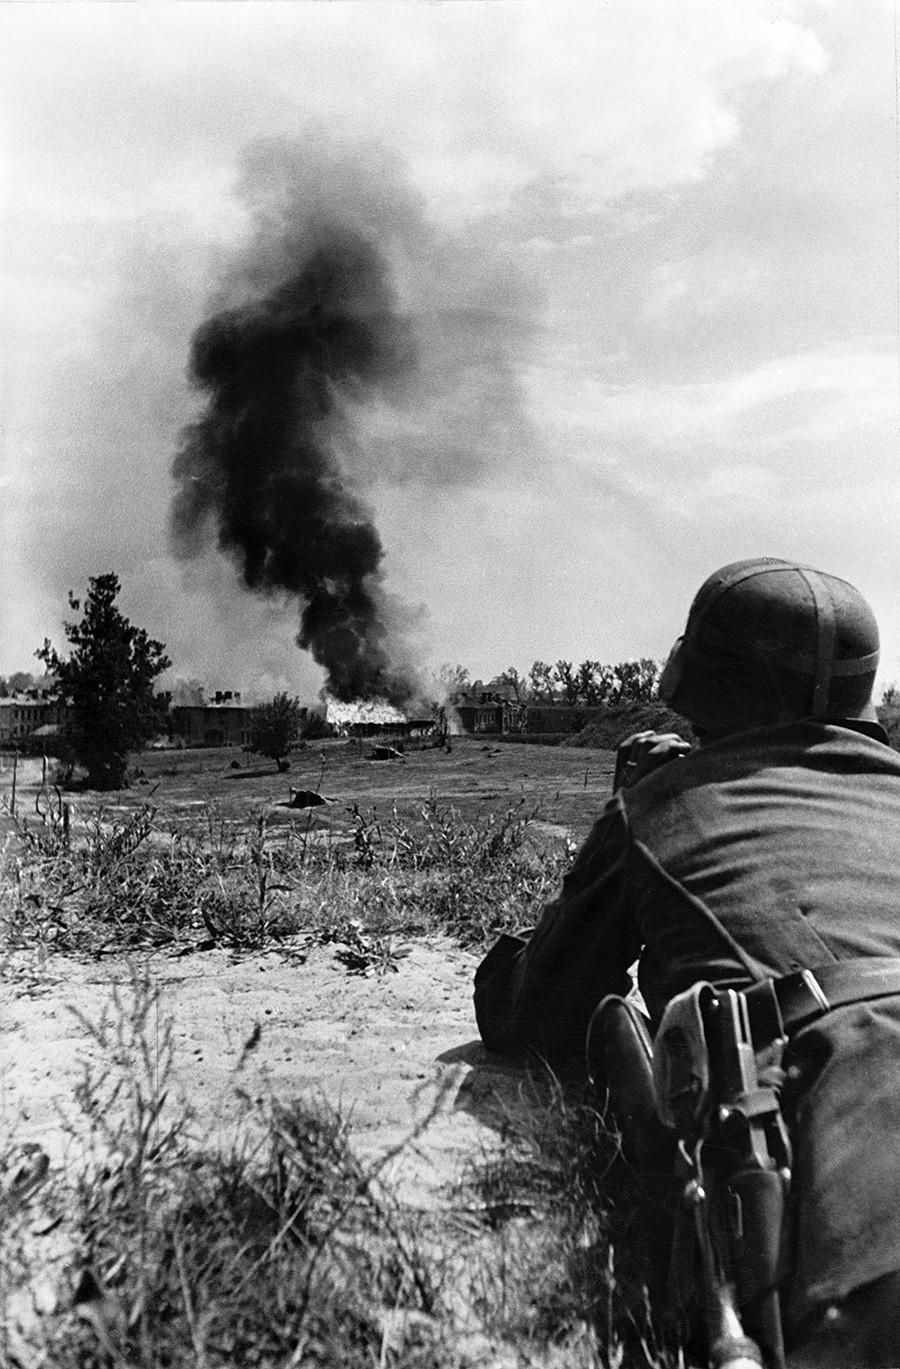 Други светски рат, Источни фронт, операција Барбароса, напад на Русију 1941. Немачки артиљерац испред Брестске тврђаве.